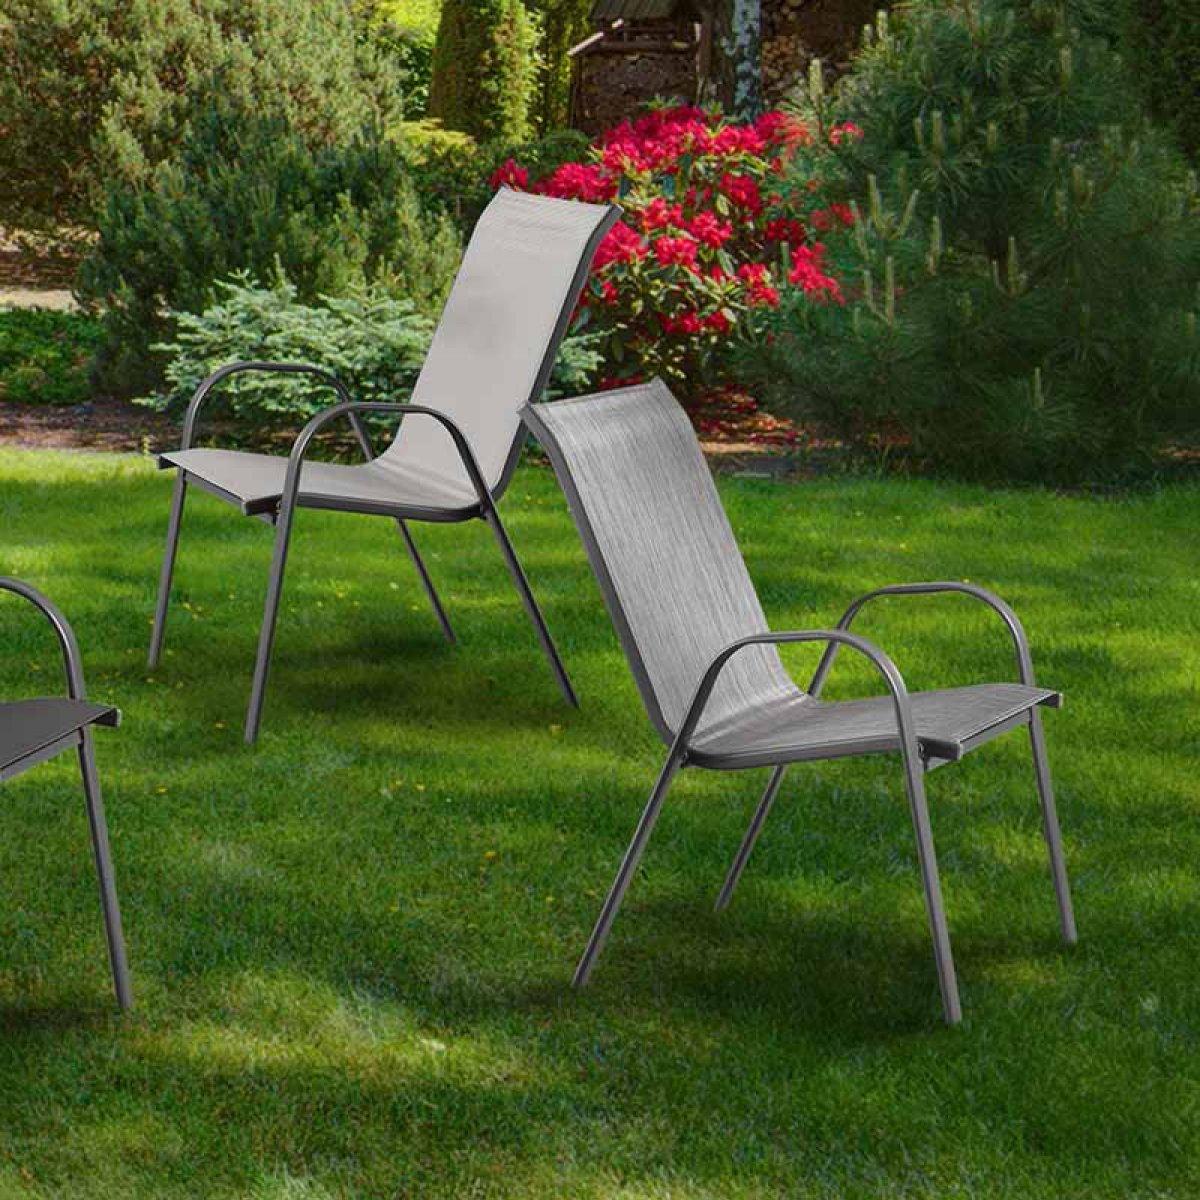 Πολυθρόνες κήπου | Mymegamarket.gr